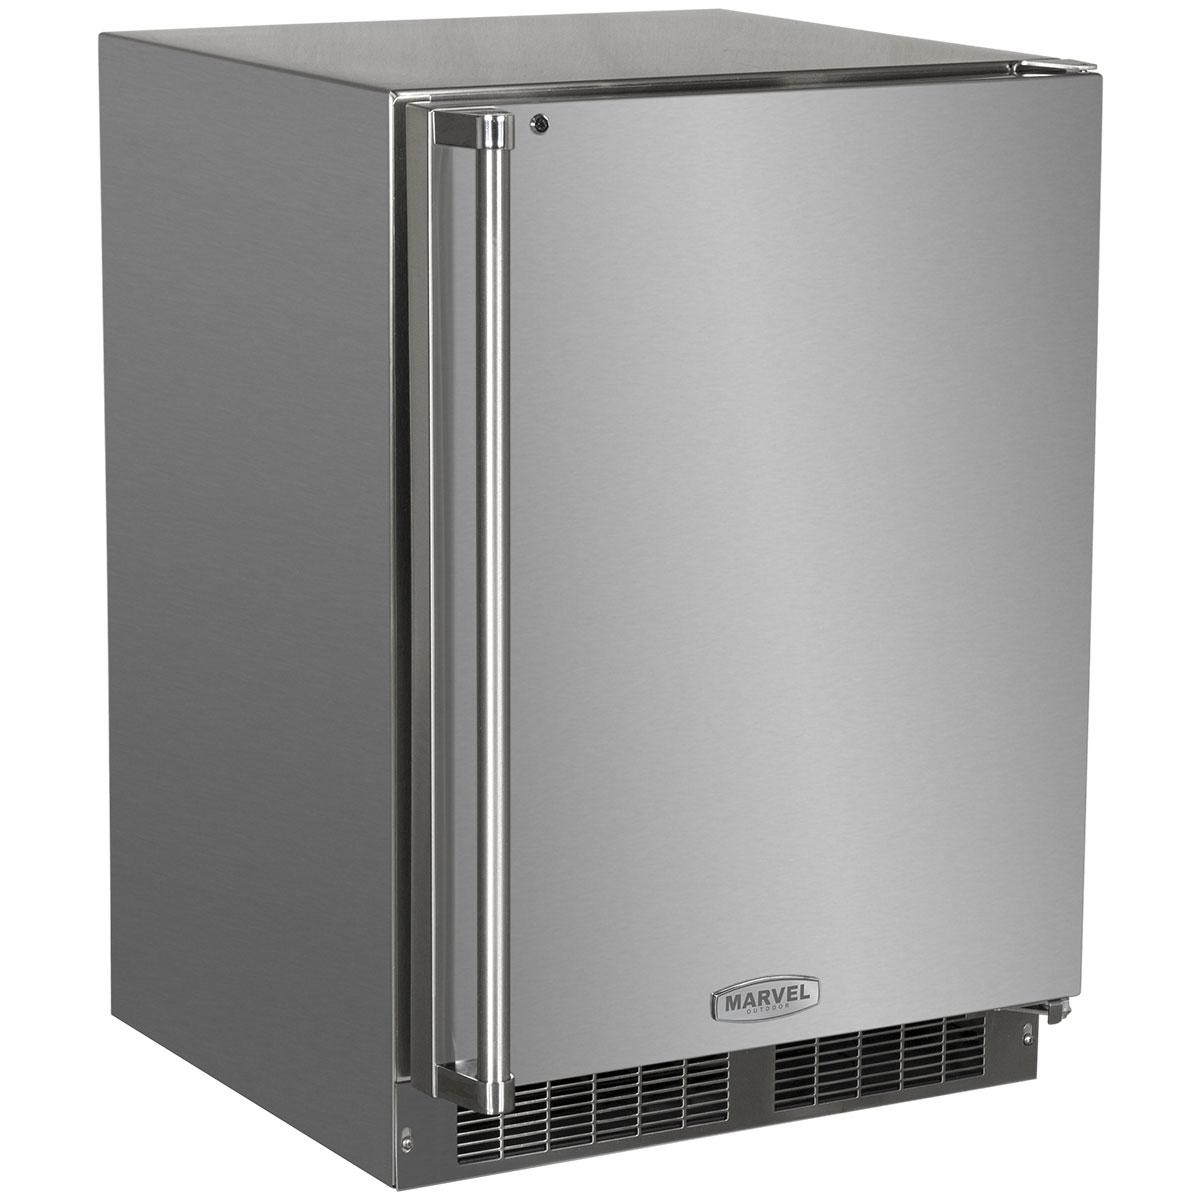 """Marvel  24"""" Marvel Outdoor All Freezer-24? Outdoor All FreezerSolid Stainless Steel Door with Lock"""